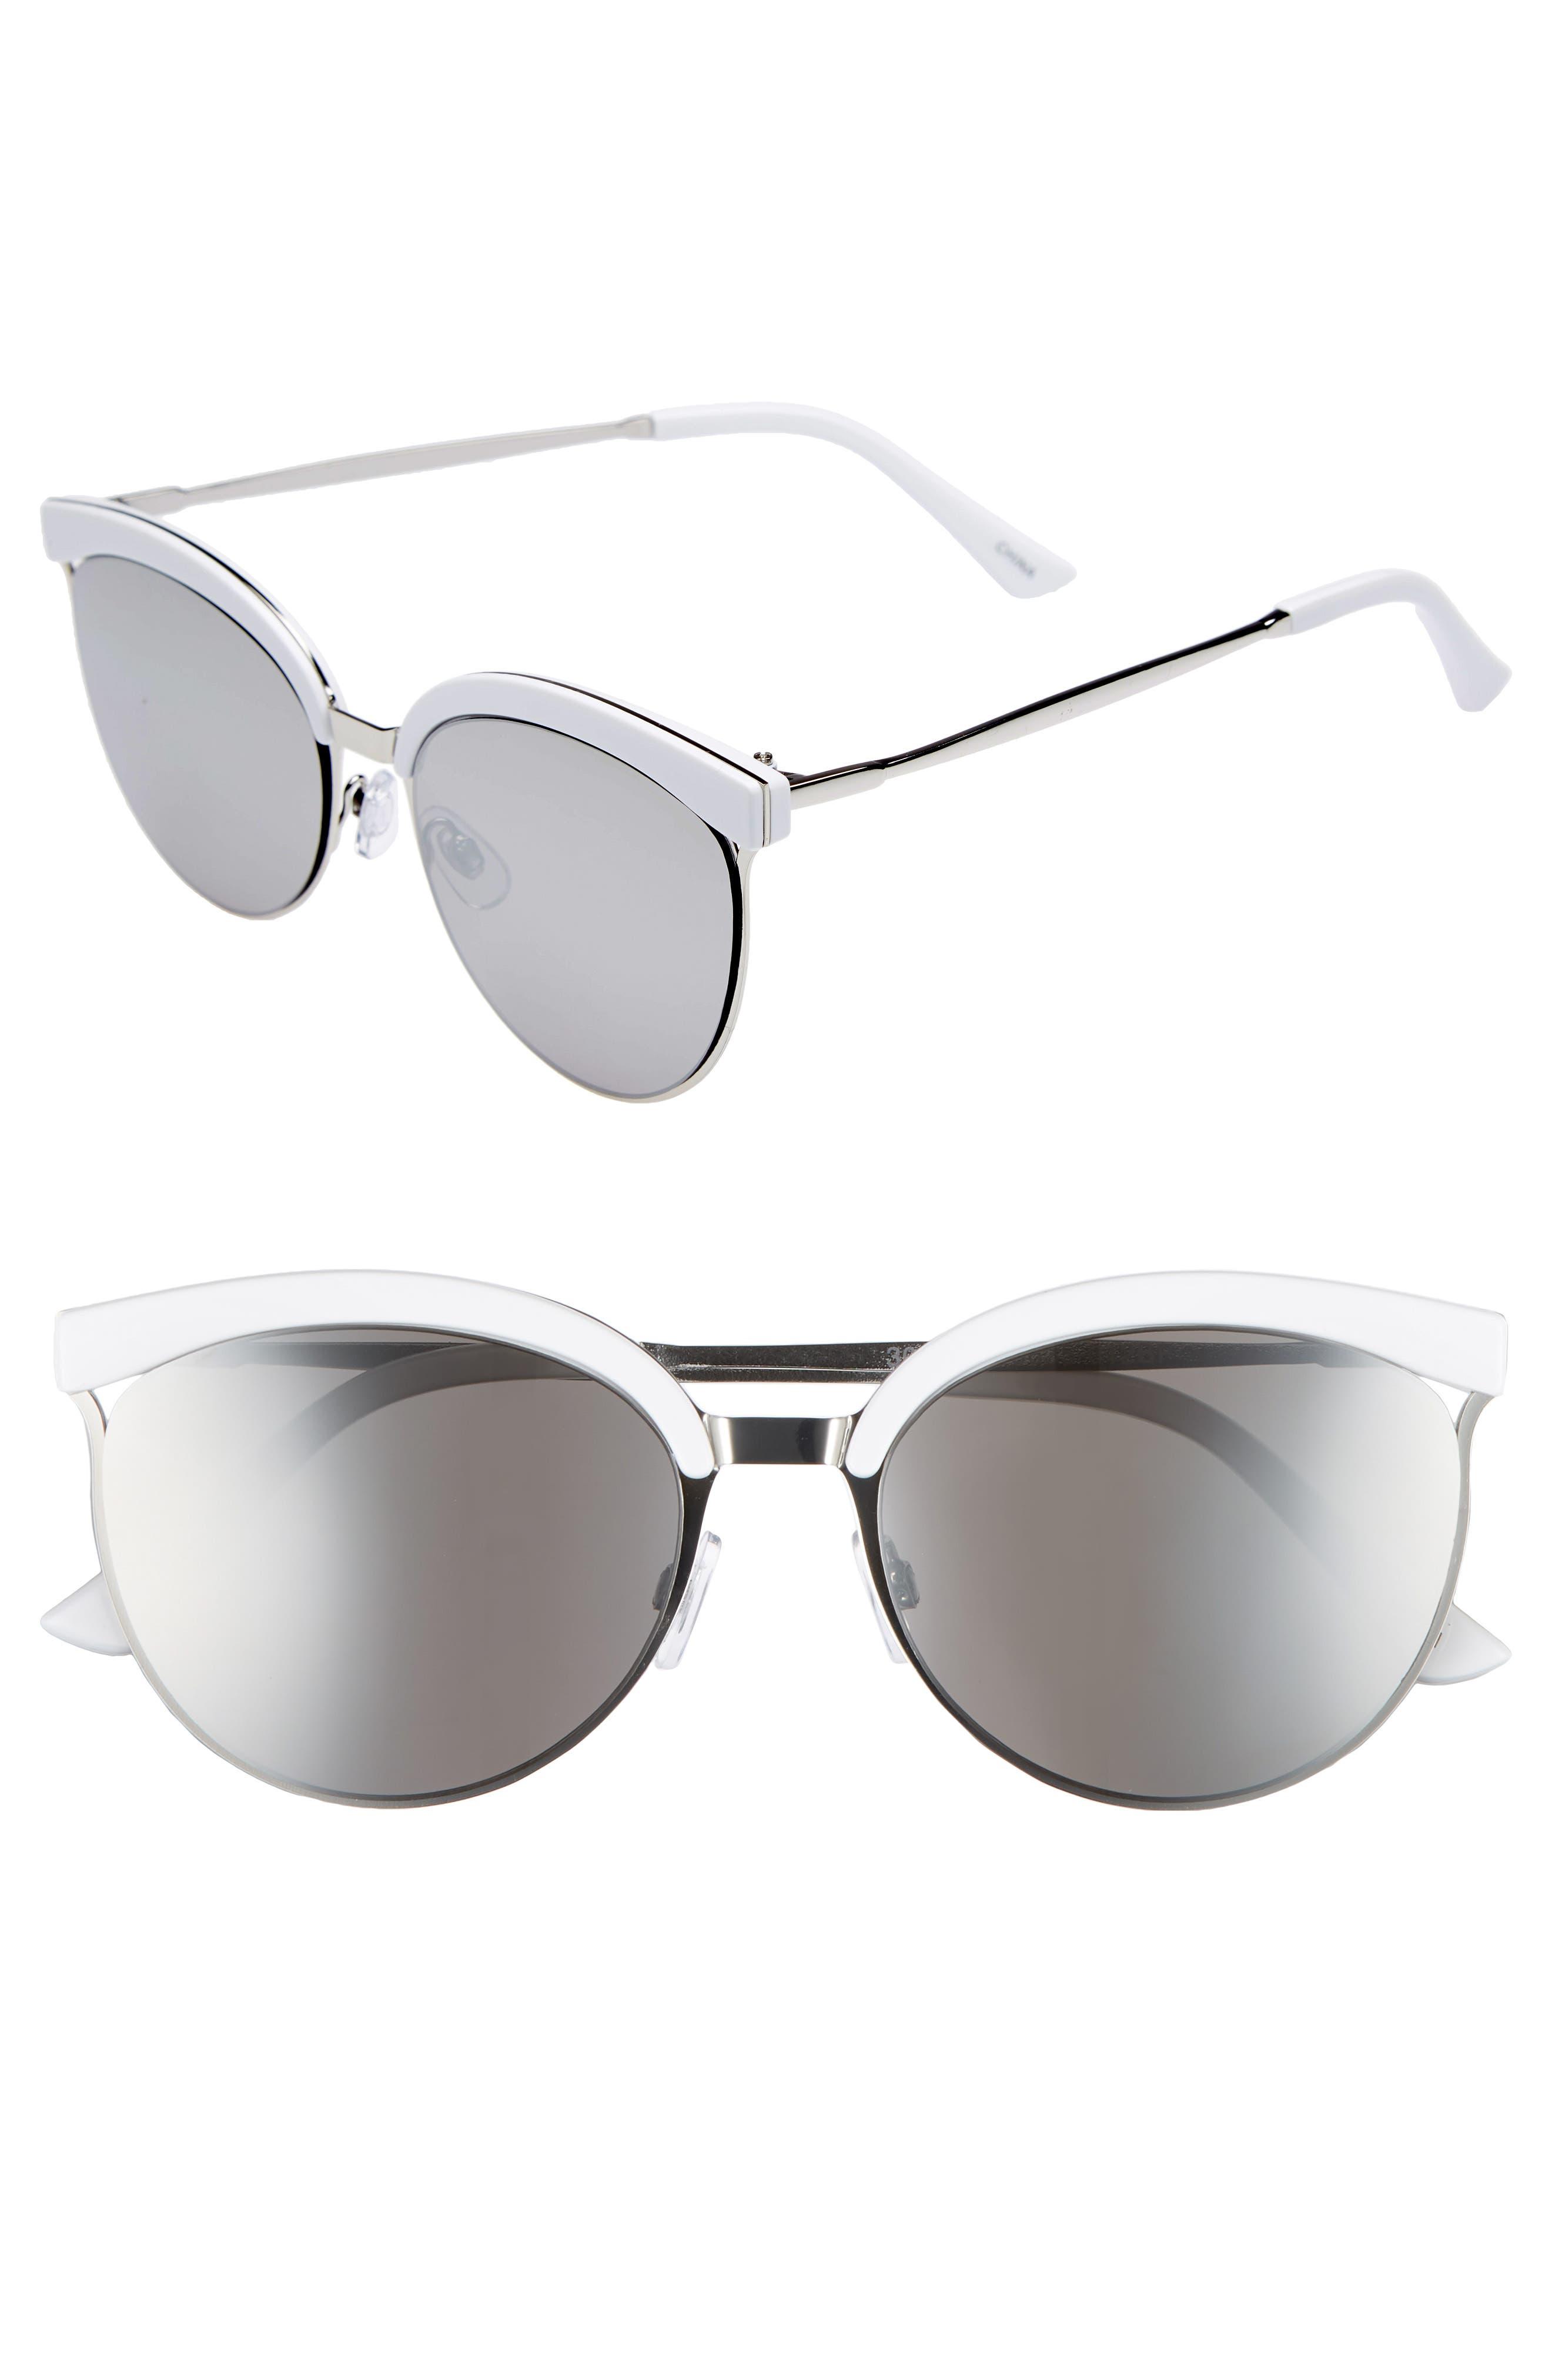 57mm Round Sunglasses,                         Main,                         color, WHITE/ SILVER